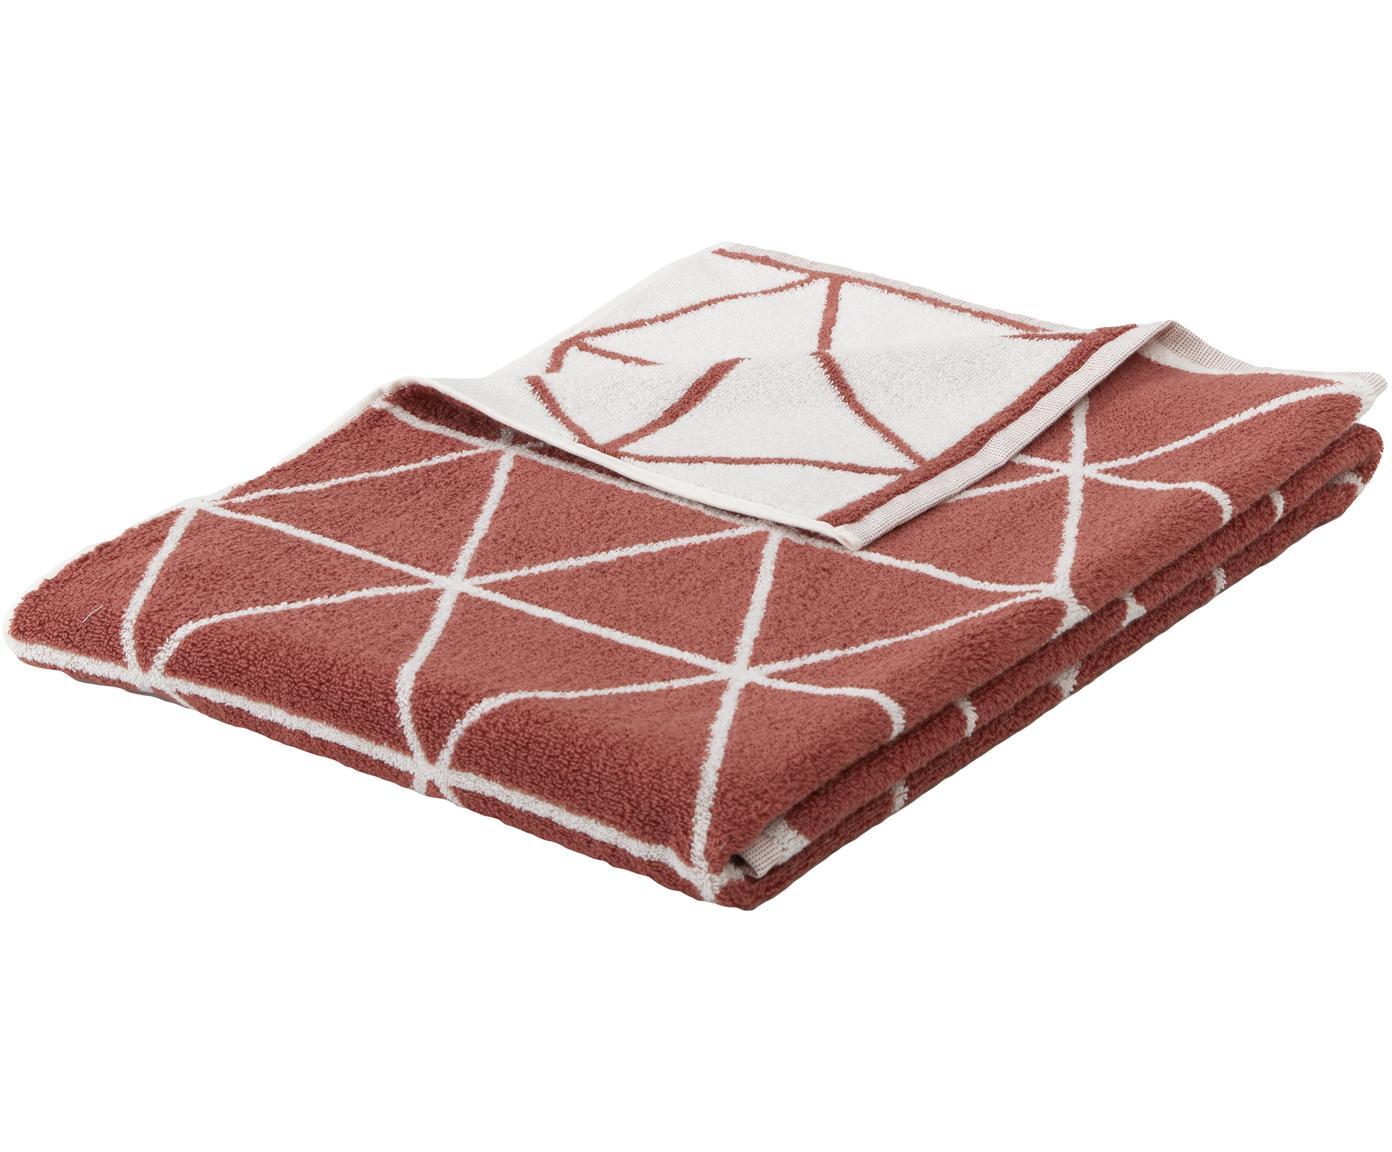 Wende-Handtuch Elina mit grafischem Muster, Terrakotta, Cremeweiß, Handtuch